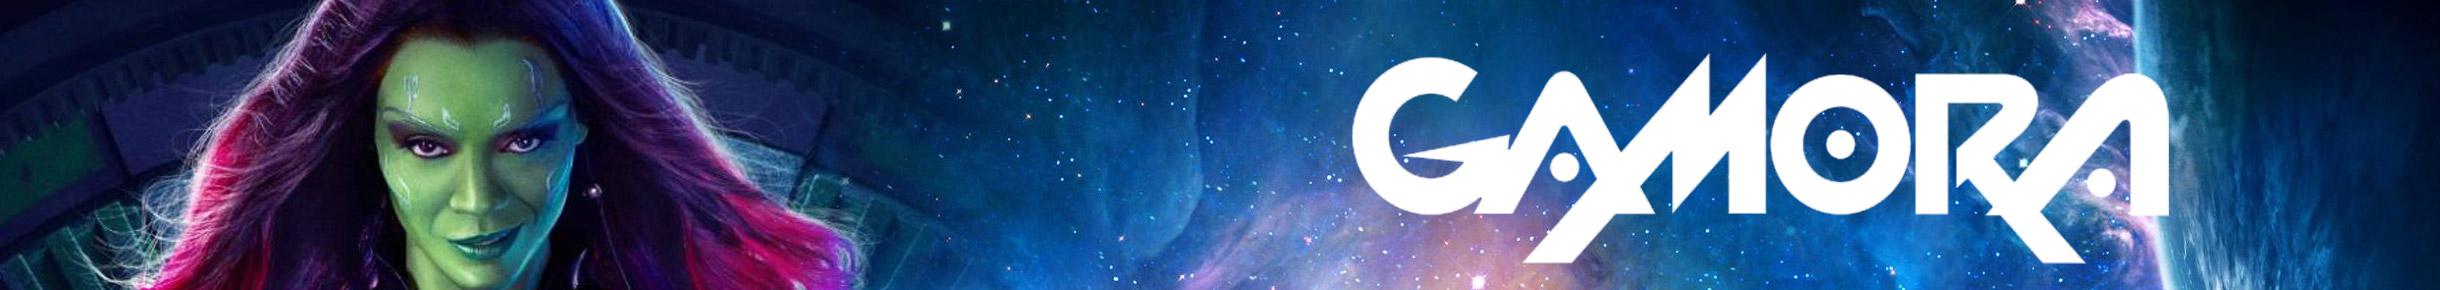 Gamora Merchandise Banner